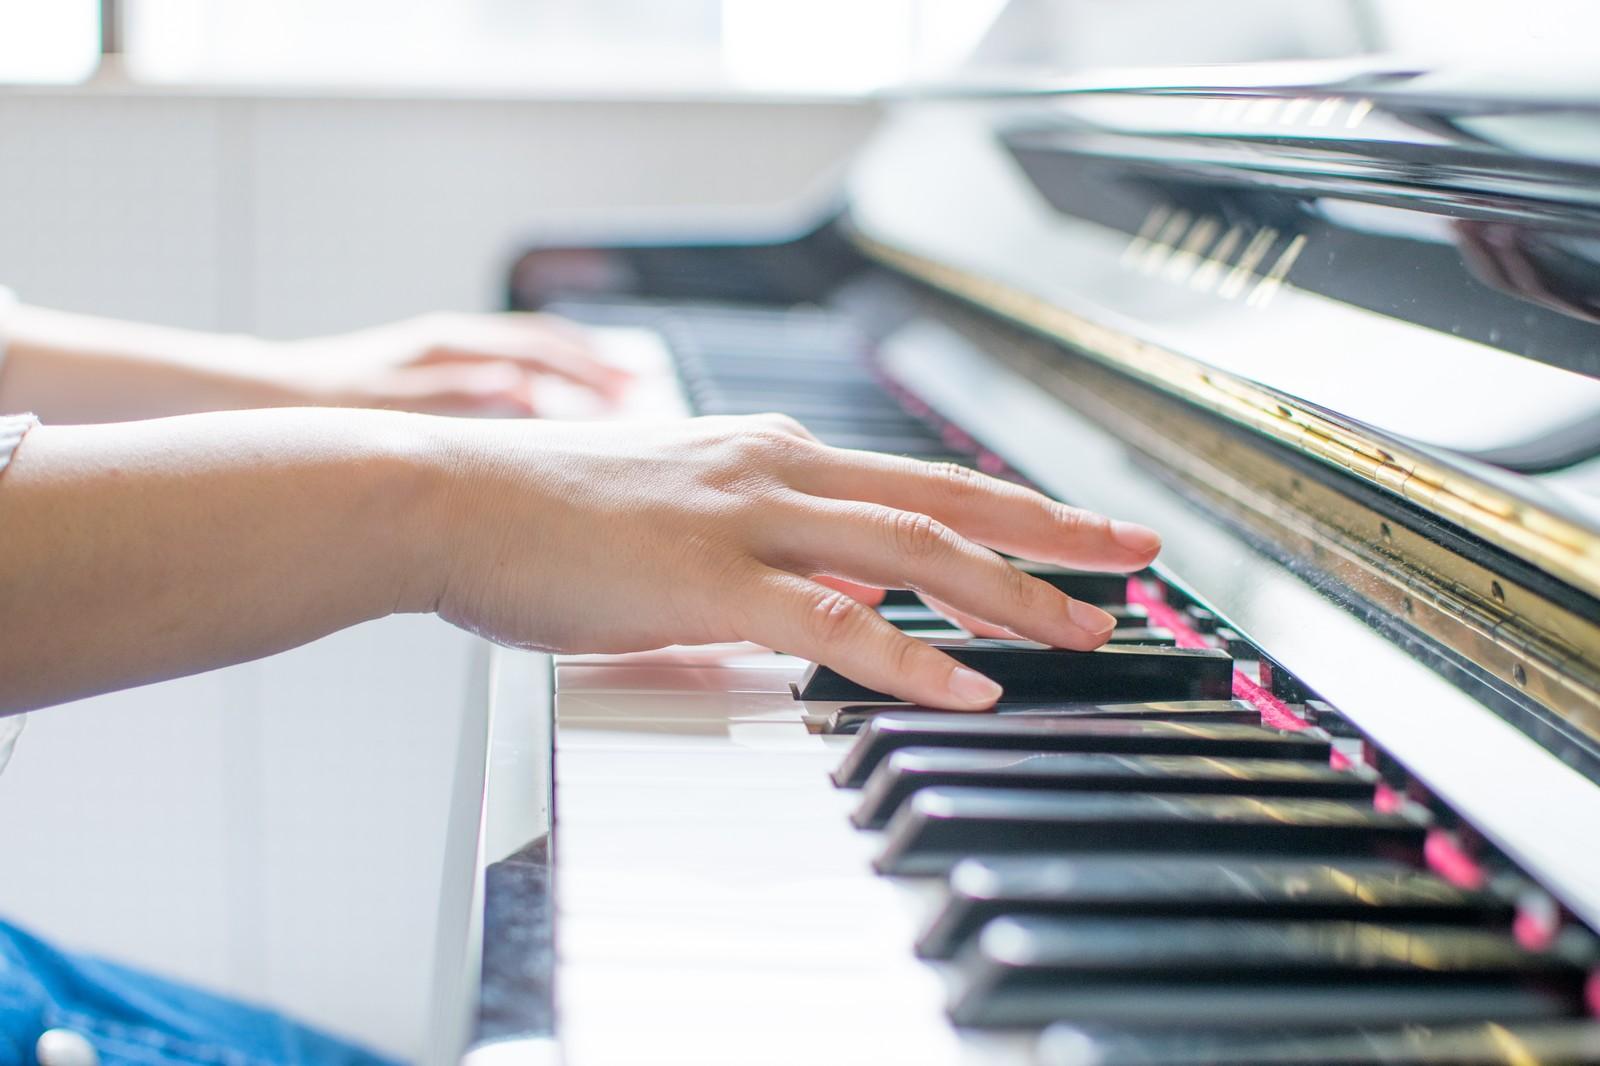 山口めろん 可愛い アイドル ピアノ 年齢 画像